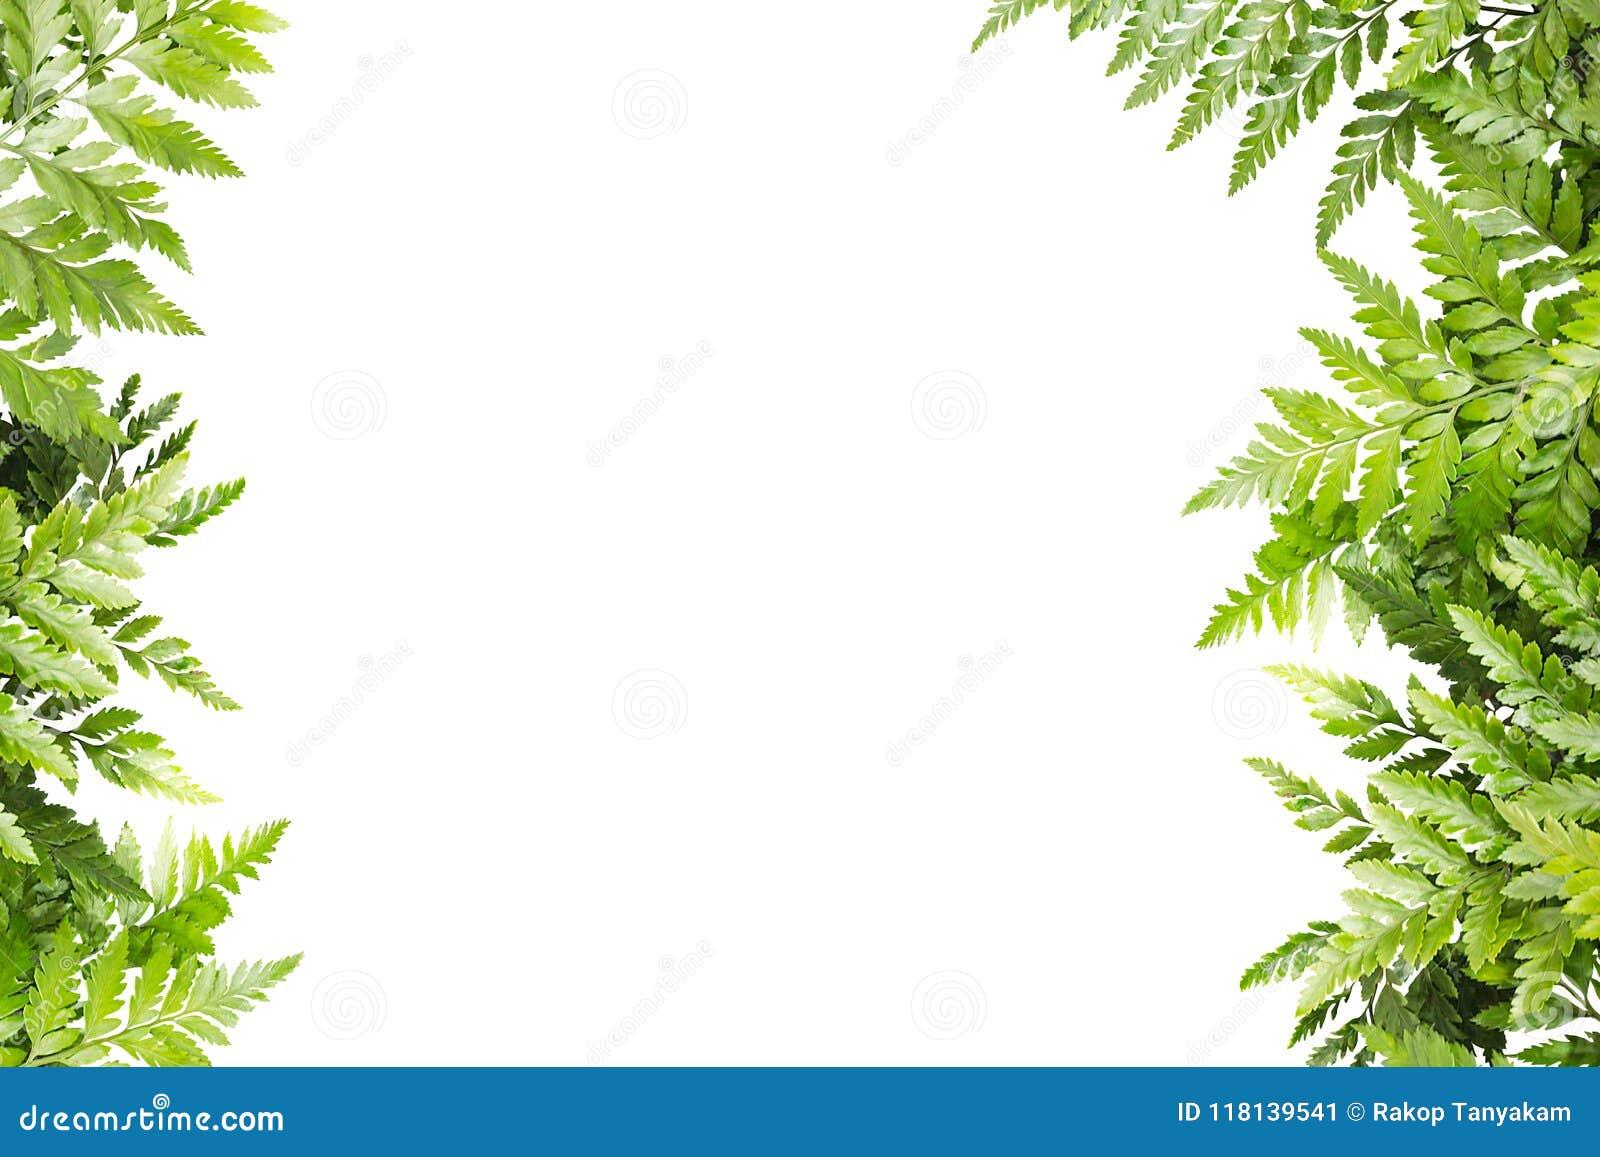 框架的绿色叶子在白色背景,自然边界